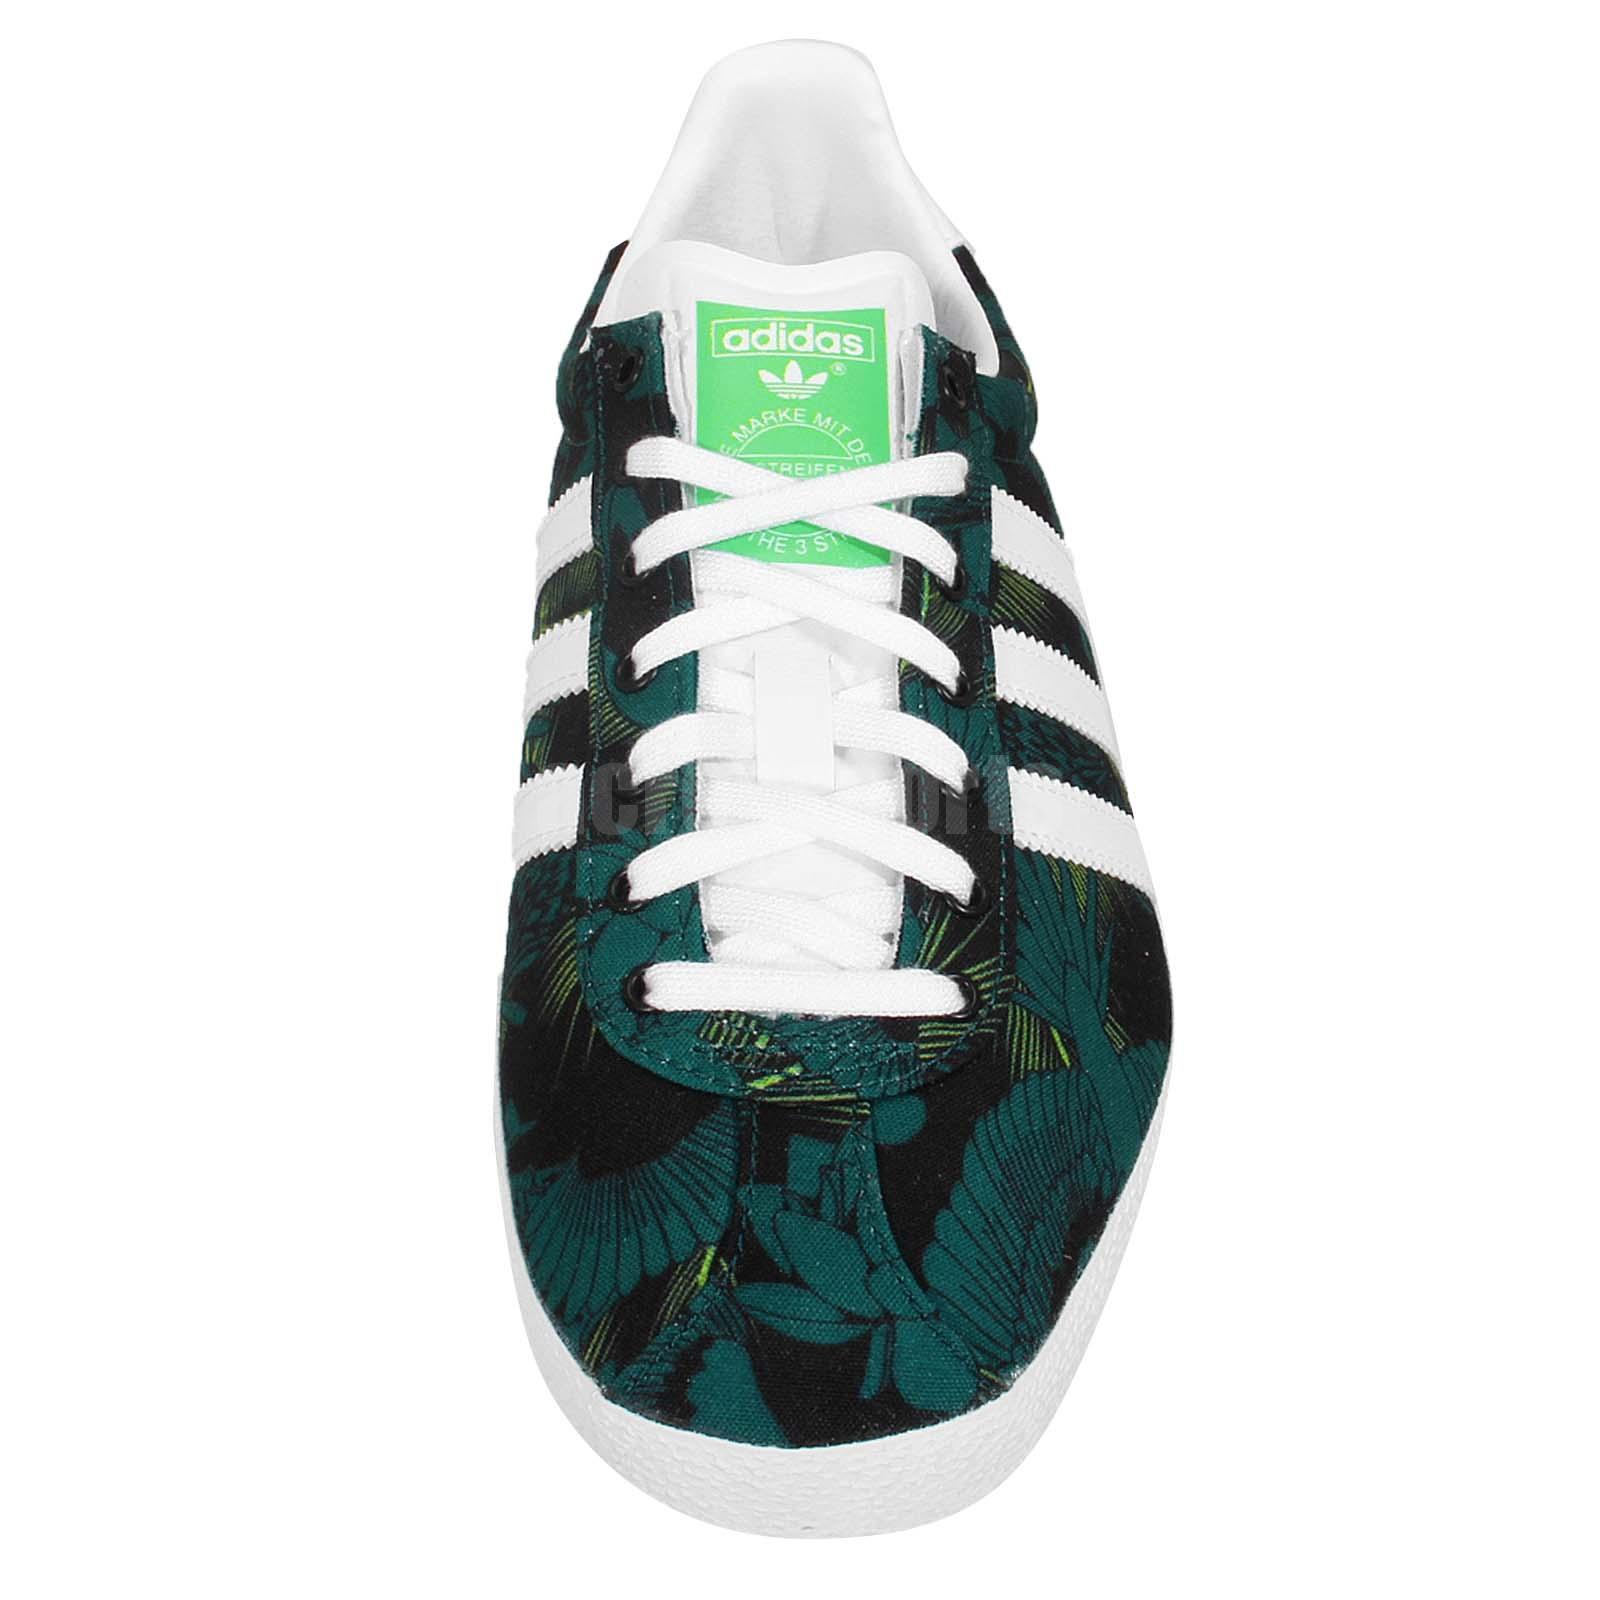 adidas gazelle womens green